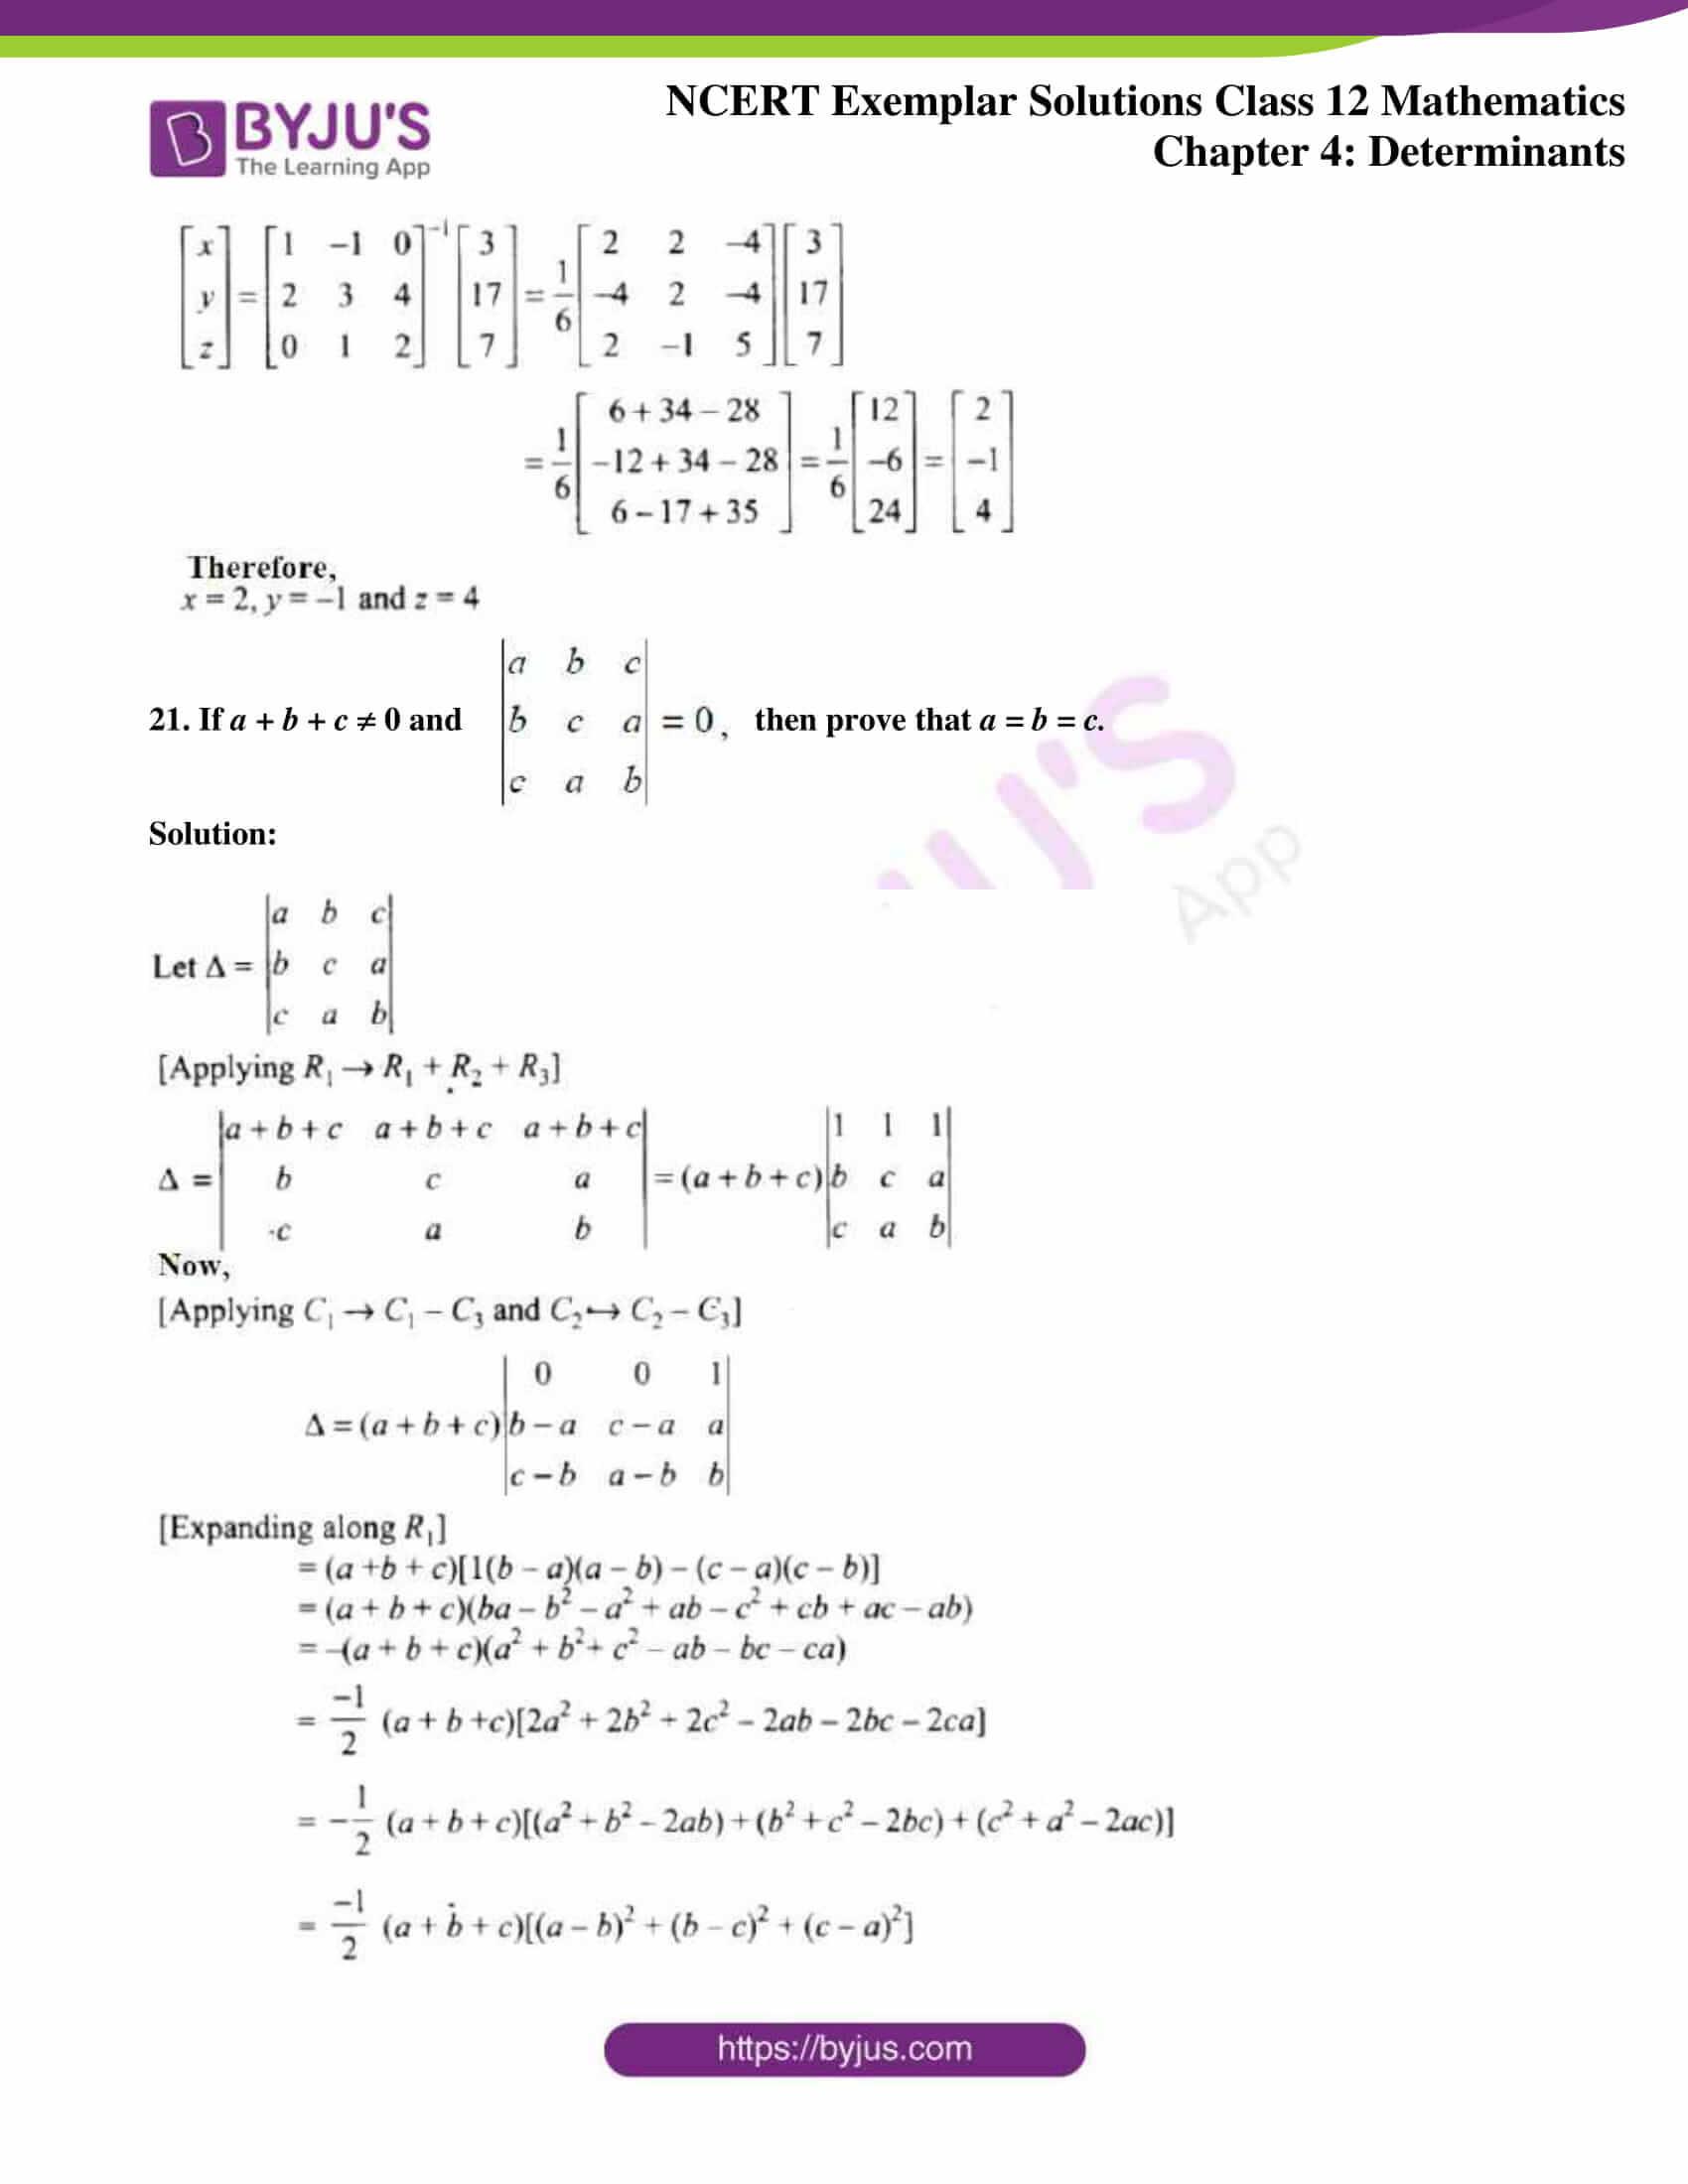 ncert exemplar sol class 12 math ch4 16